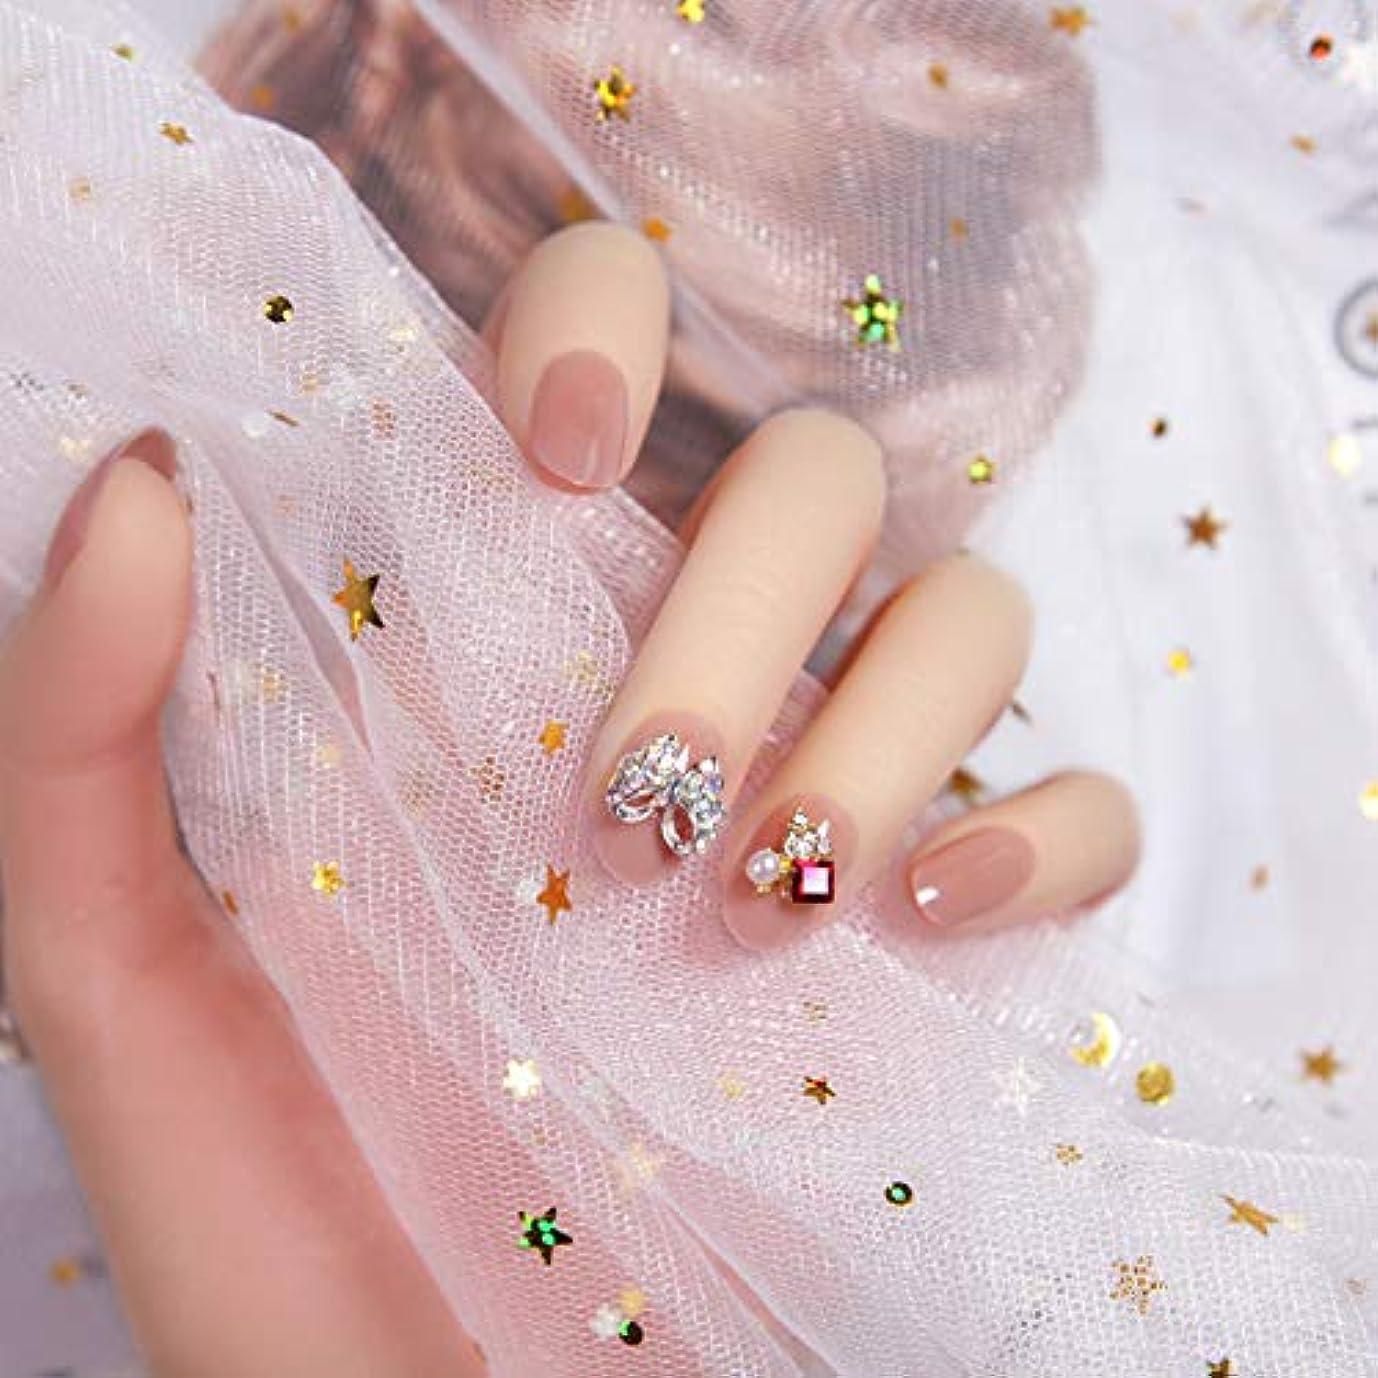 政治家テレマコス縮れたピンク 3D ネイルチップ 人造ダイヤモンド 24枚入 原宿 和風 夢幻 和装 手作りネイルチップ 結婚式ネイルチップ